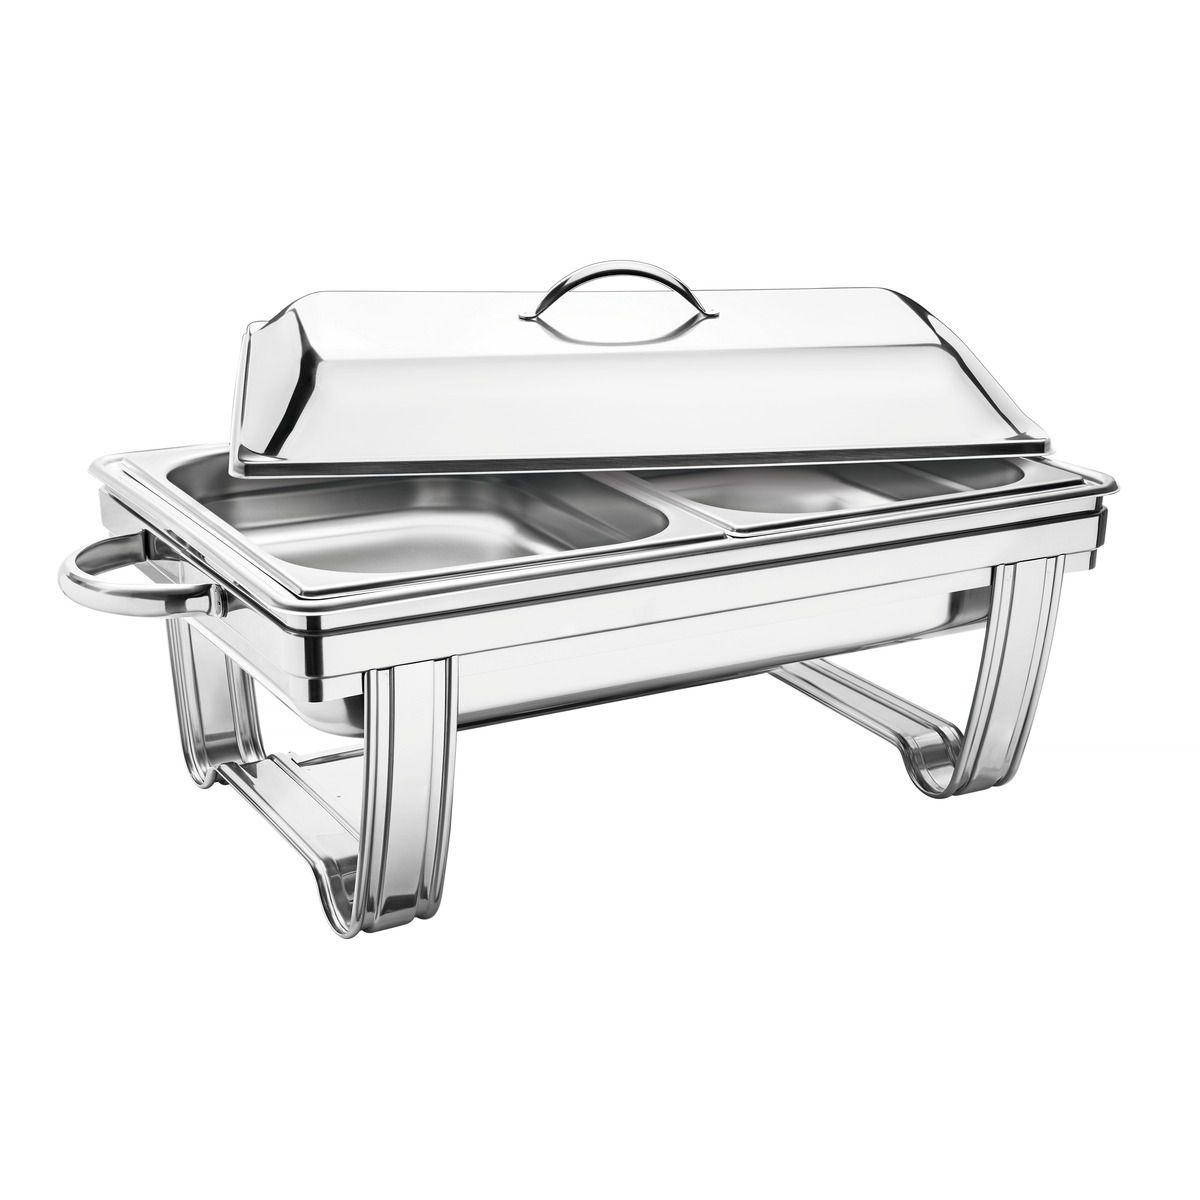 Rechaud banho-maria retangular com tampa removível aço inox 61047/023 | Lojas Estrela